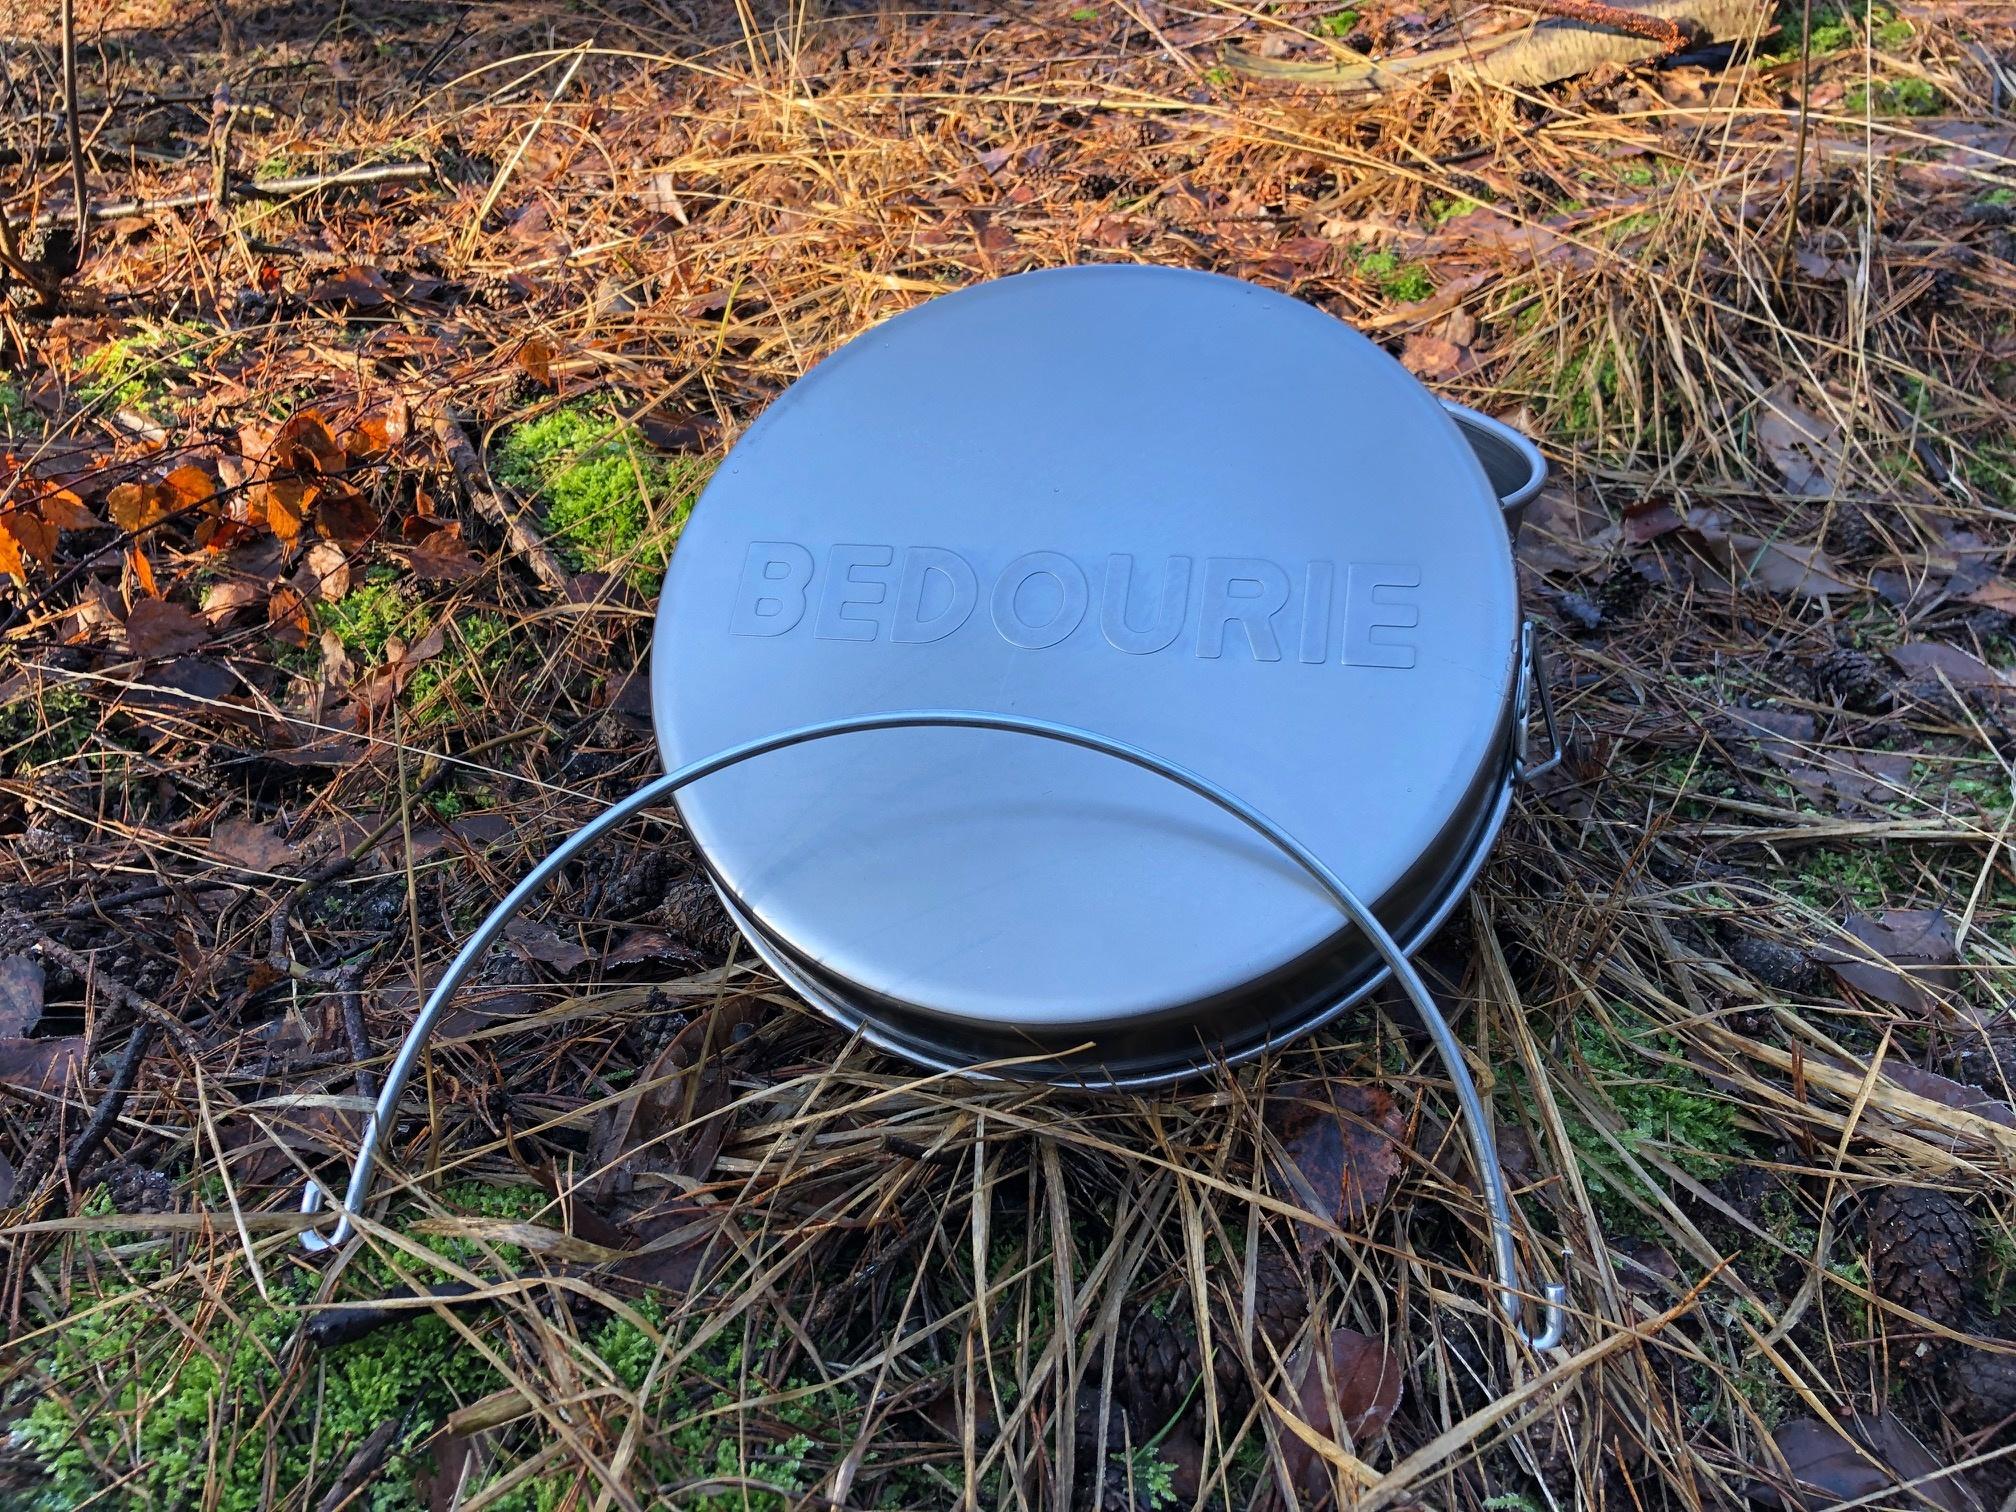 Wilderness Cooking  - buiten koken  - groot assortiment aan buiten kook artikelen  banner 1